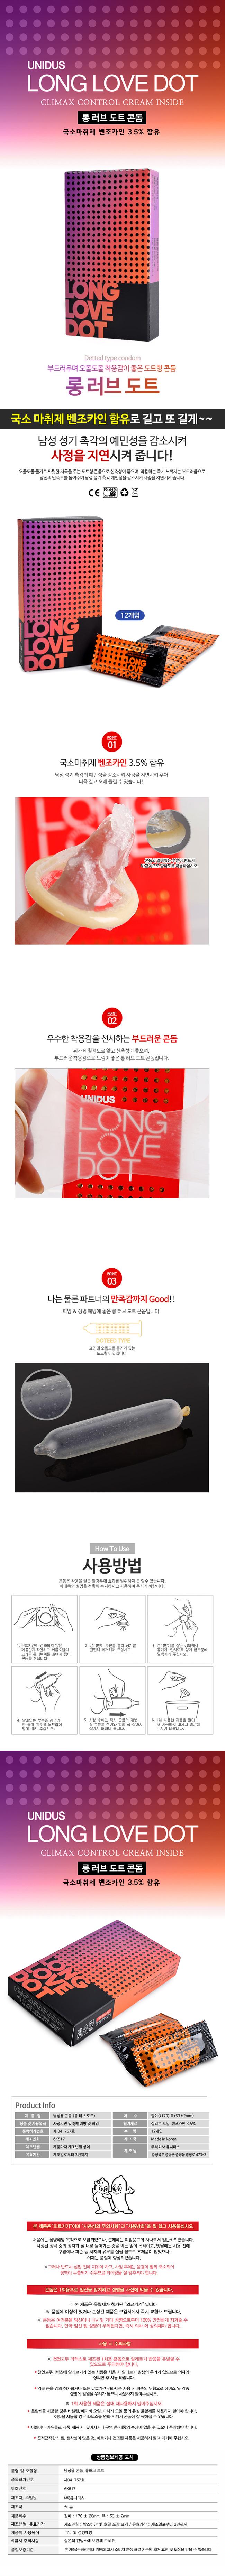 [사정지연] 롱러브 도트 1box 12p(Unidus Long Love Dot) - 유니더스